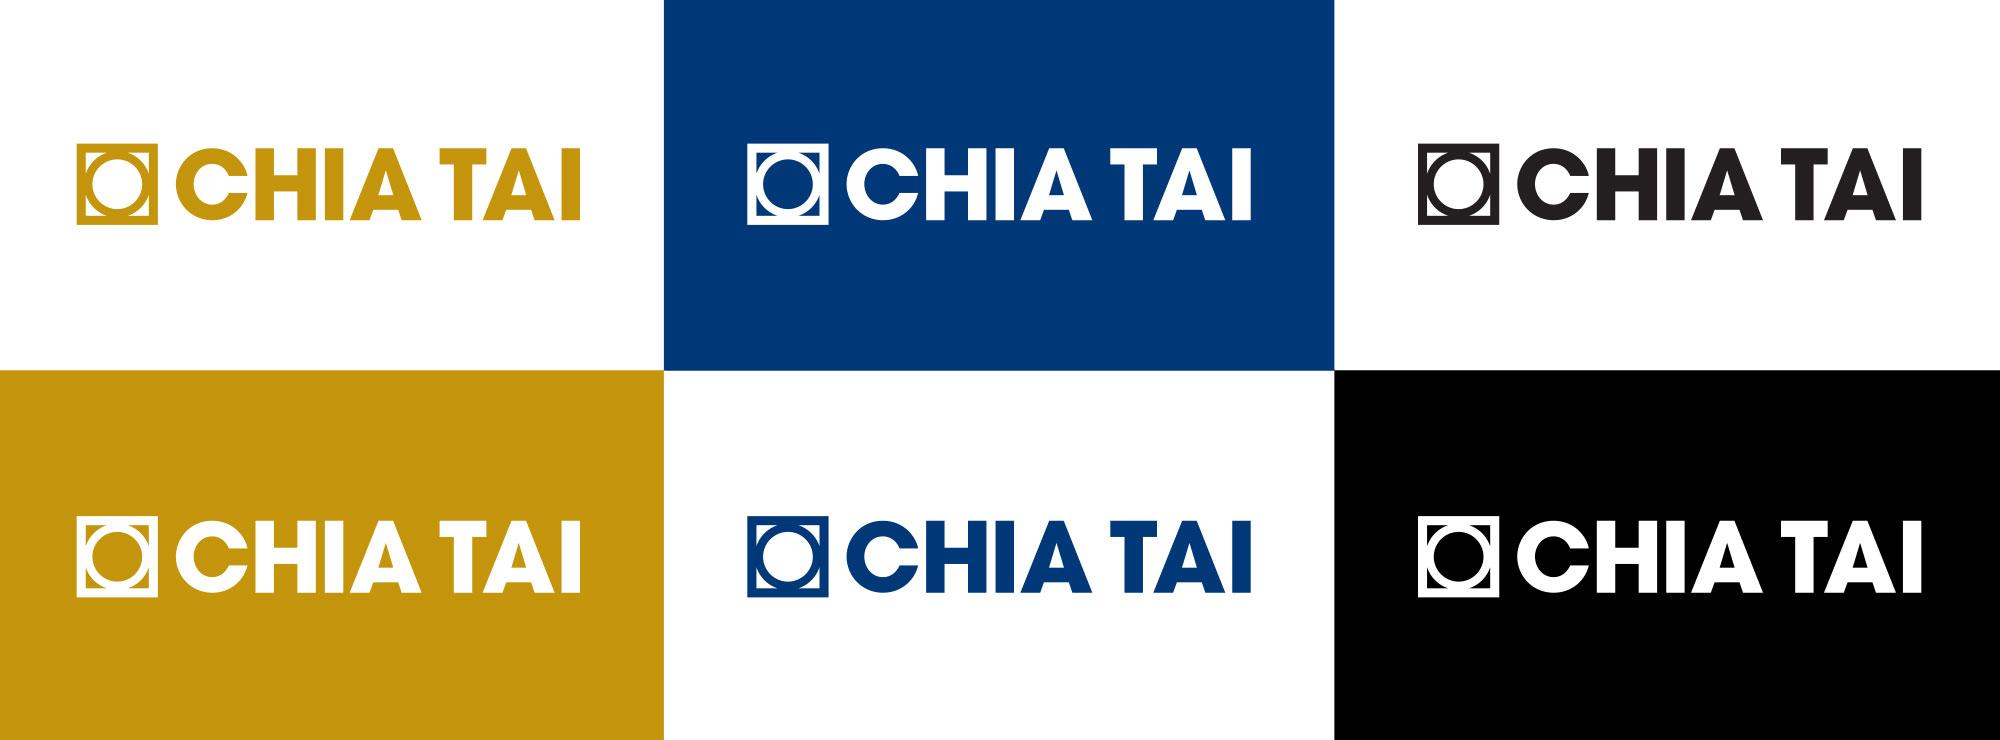 Chia Tai Brand Logos